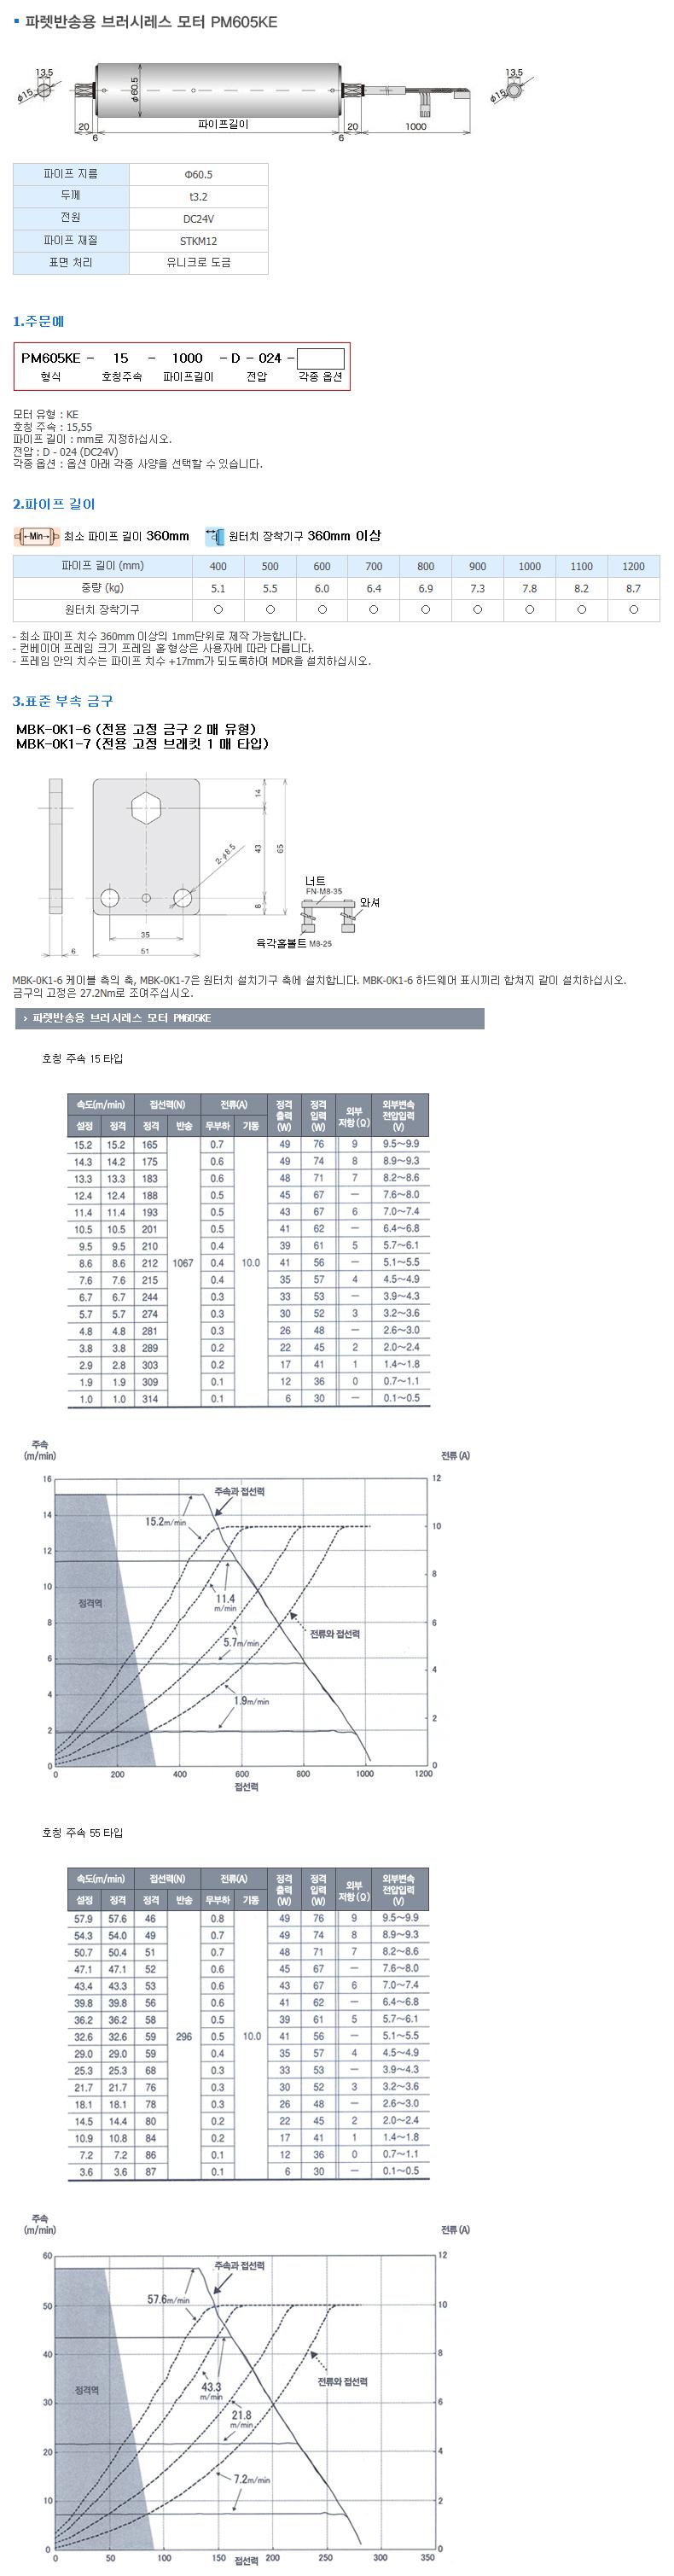 (주)은현산업 파렛반송용 브러시레스 모터 PM605KE